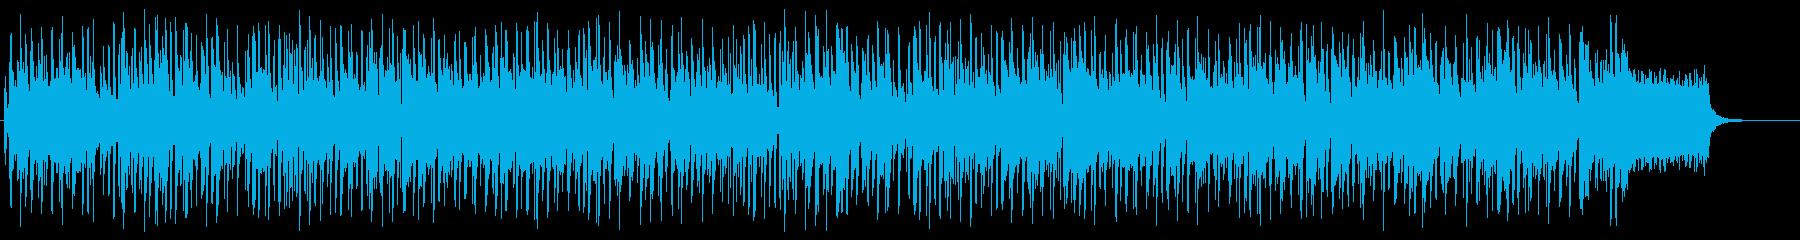 明るくスピーディなBGMの再生済みの波形